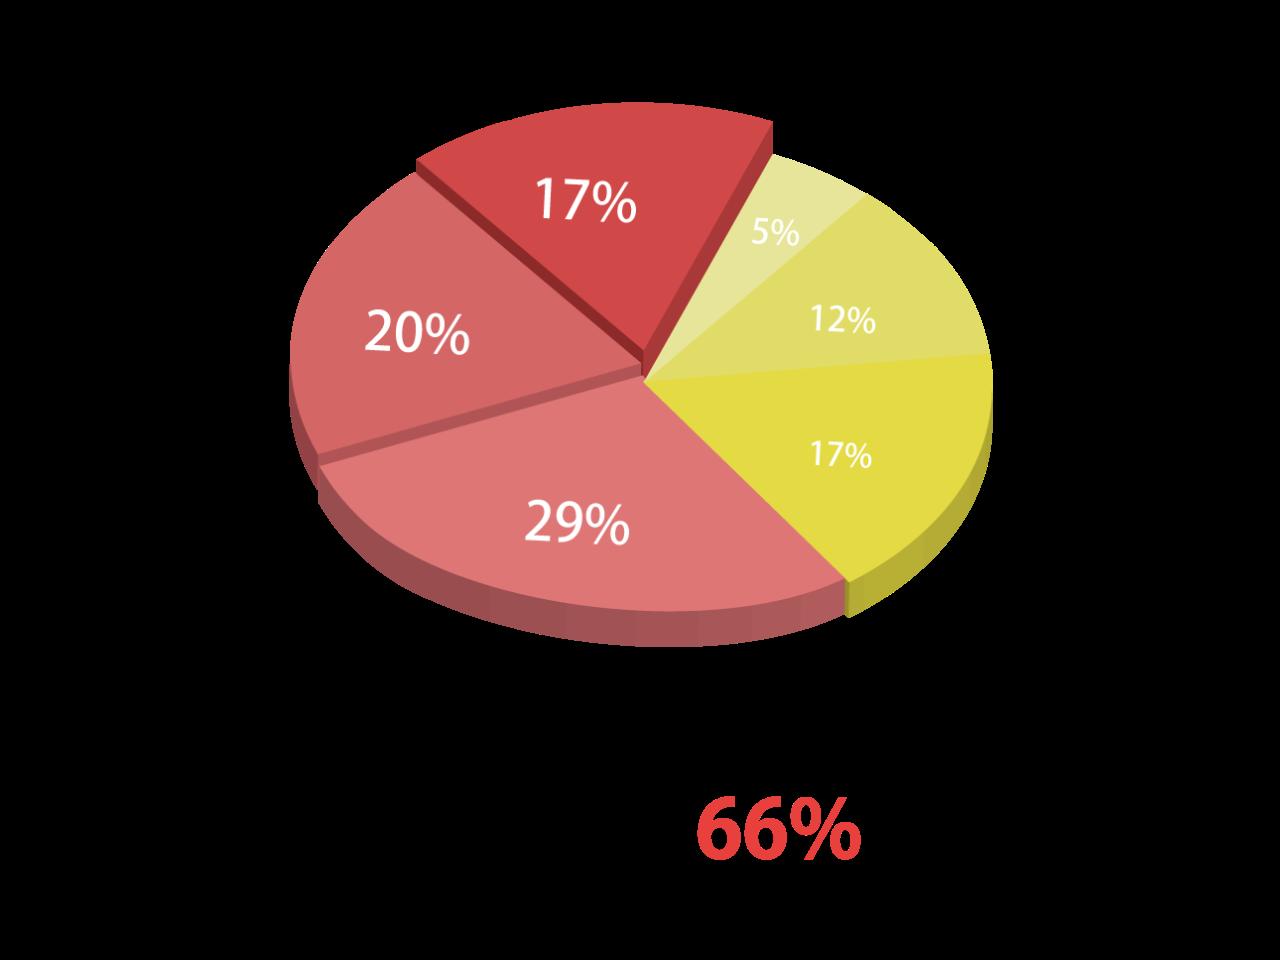 勤続年数(介護職のみ)5年以上が66%以上